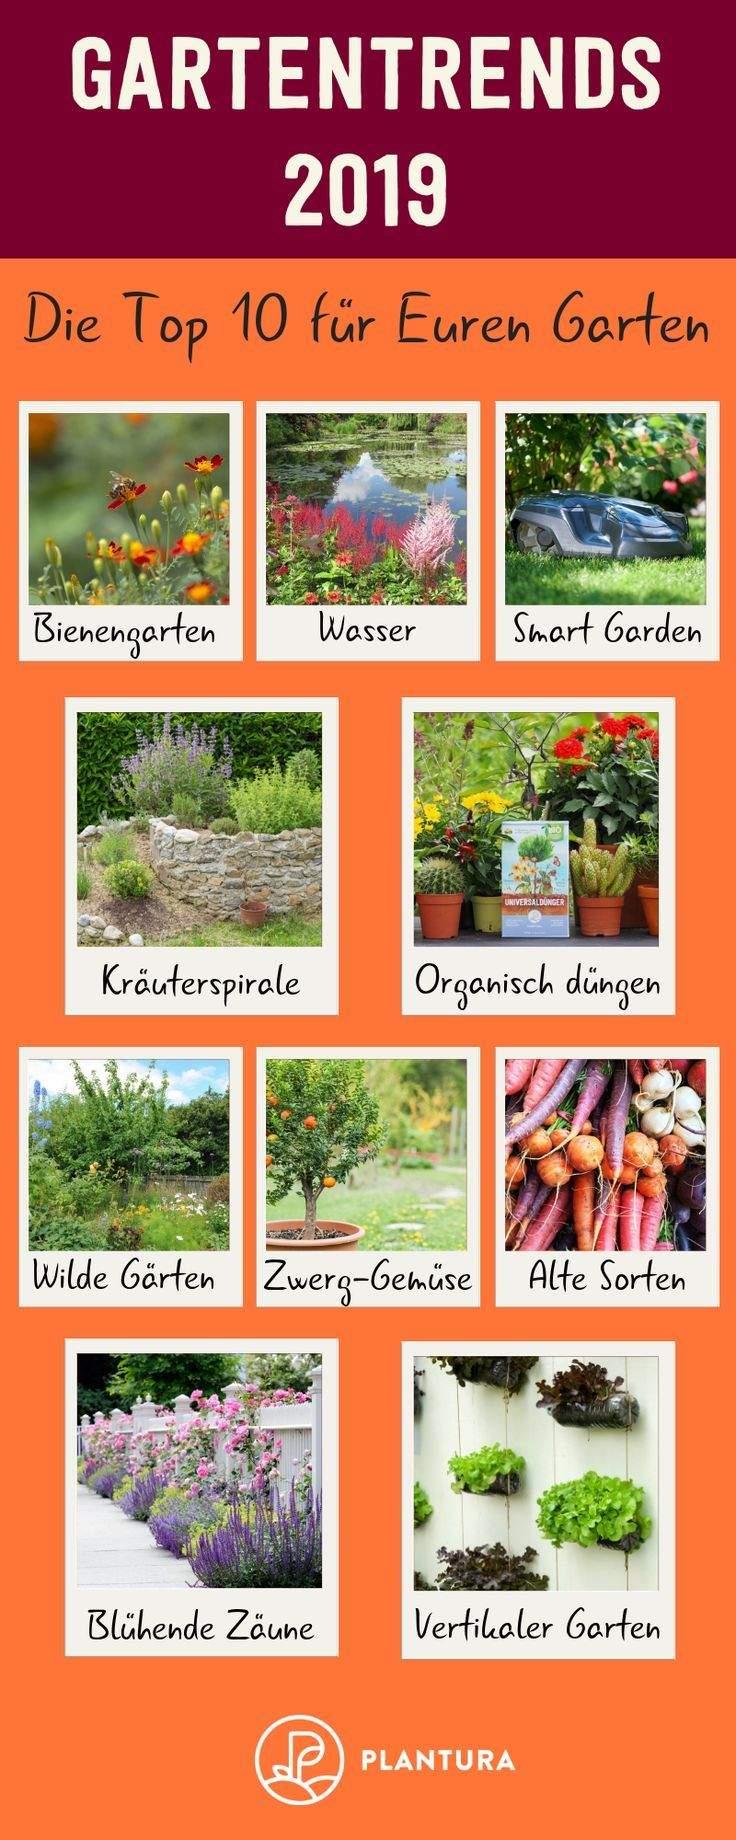 Permakultur Garten Anlegen Reizend Garden Trends 2018 the top 10 for Your Garden We Show In